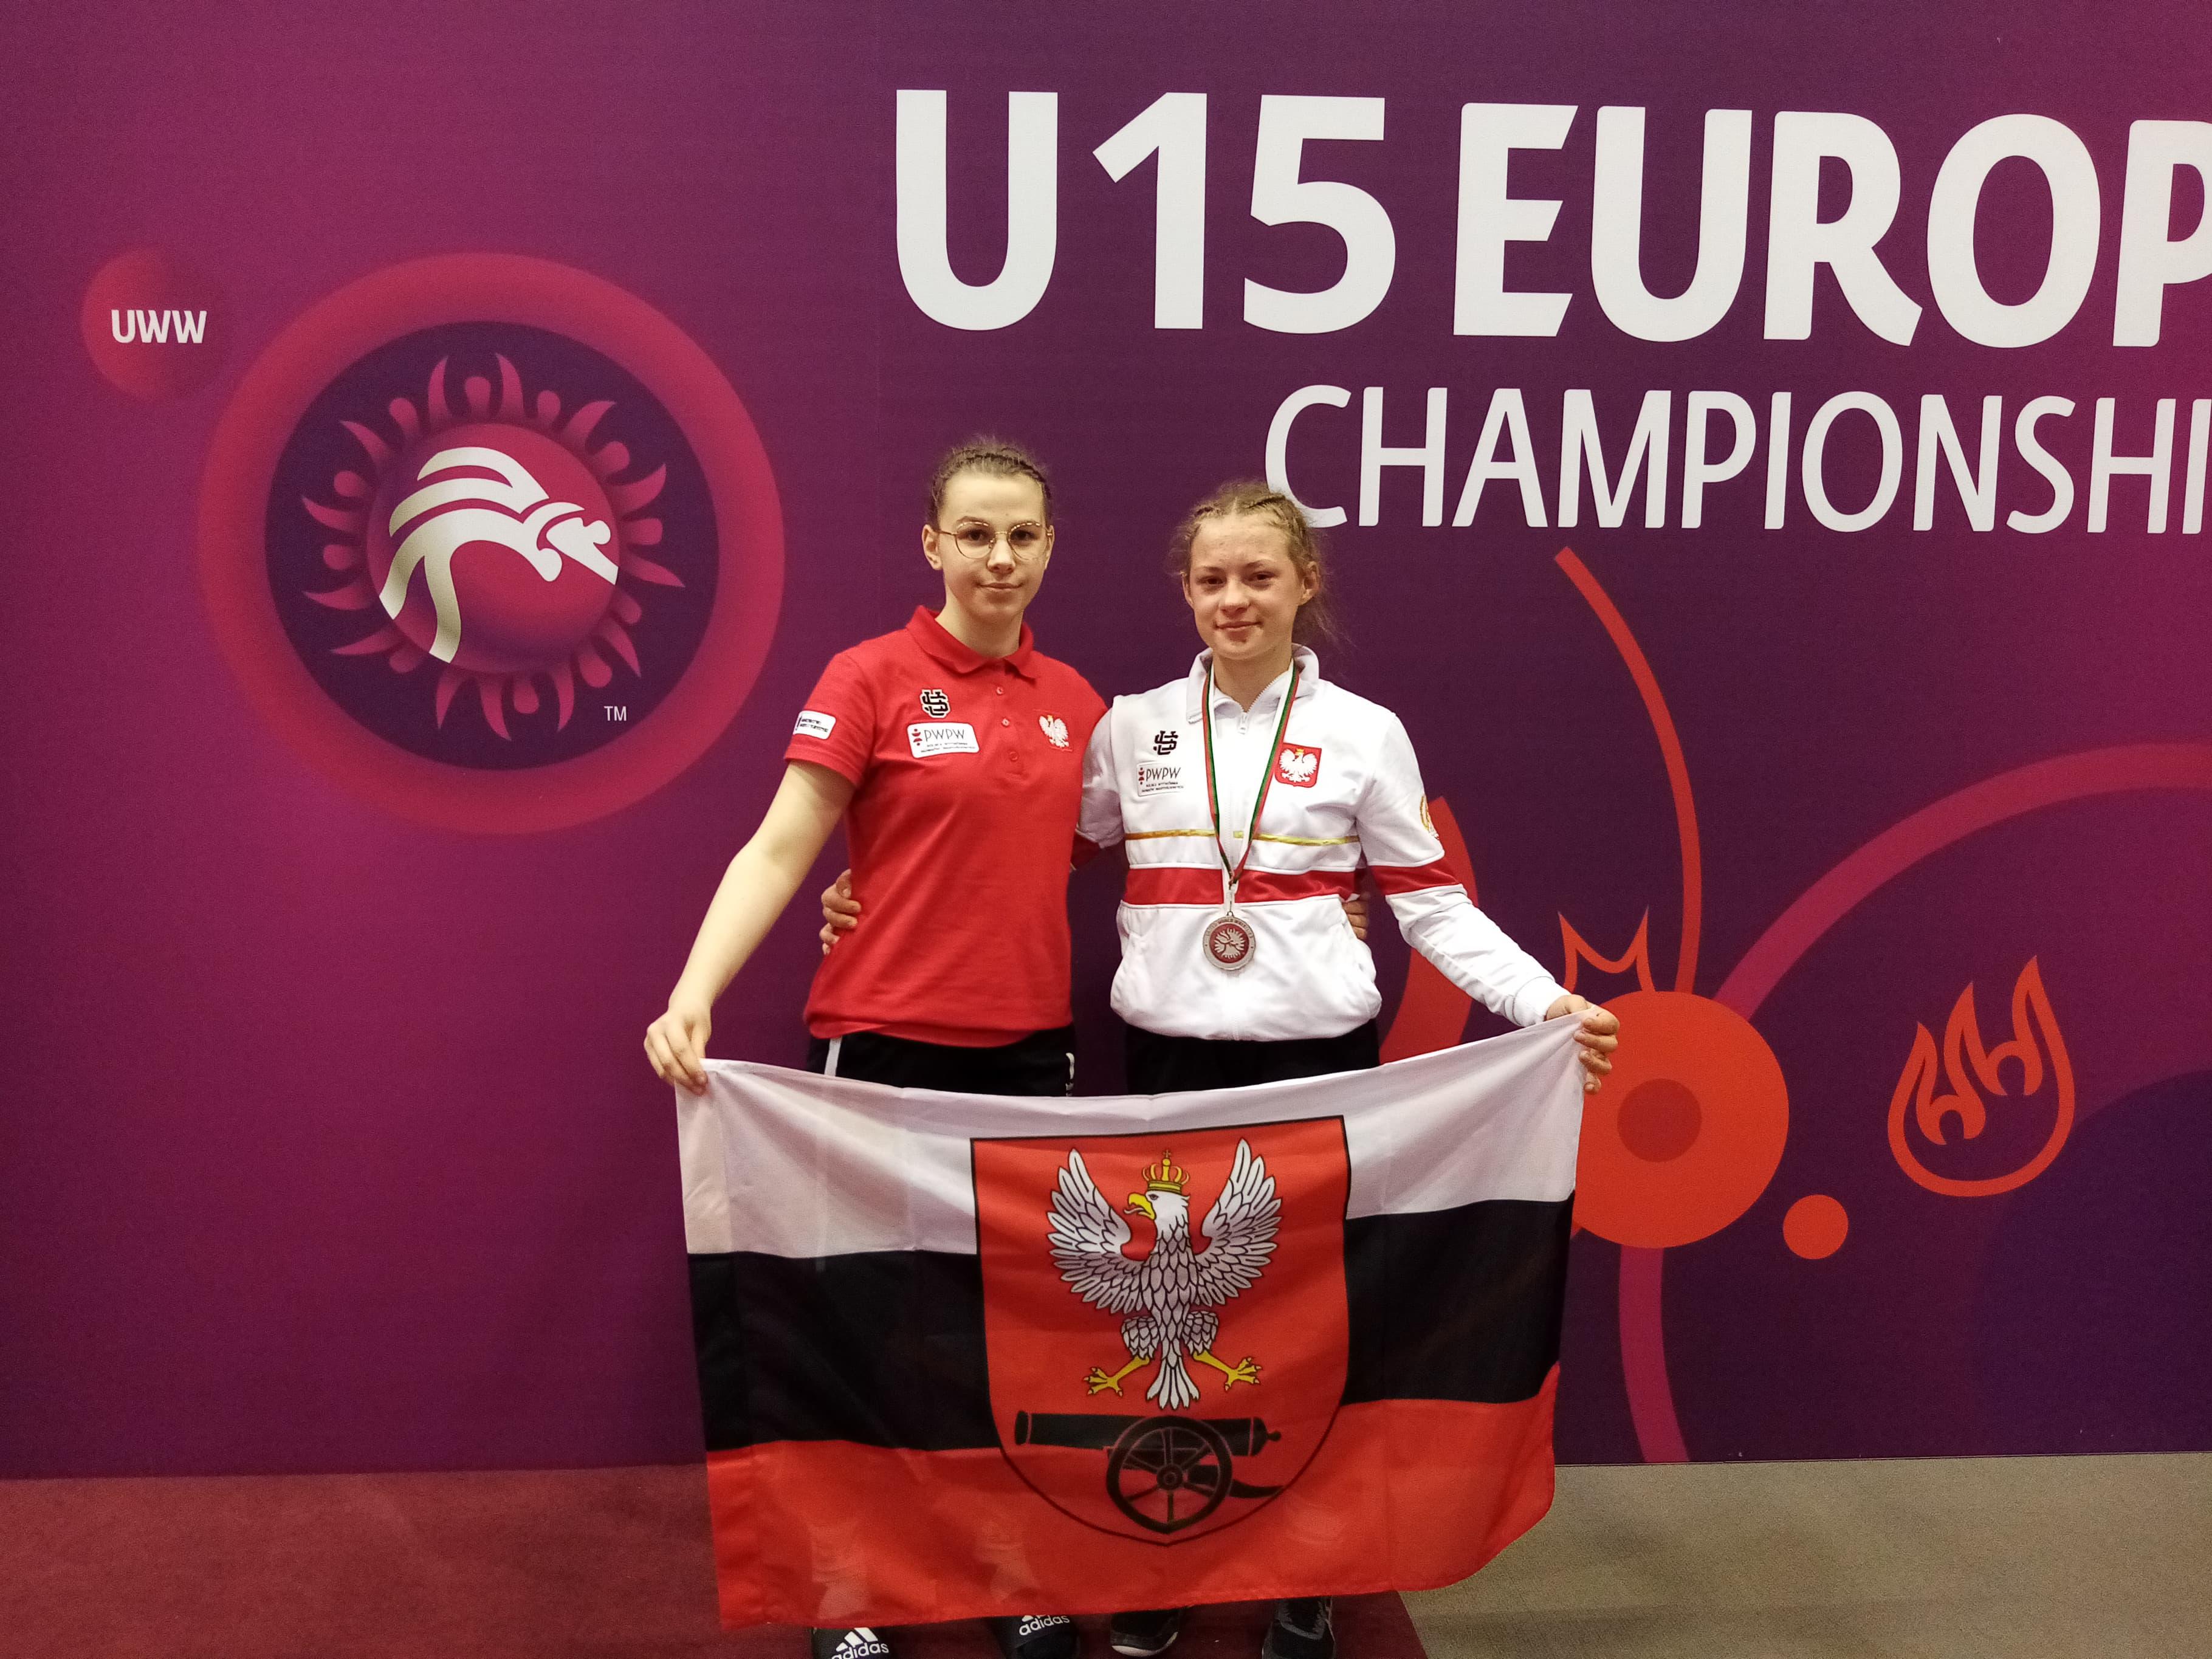 Gajowniczek ze srebrem mistrzostw Europy! - Zdjęcie główne